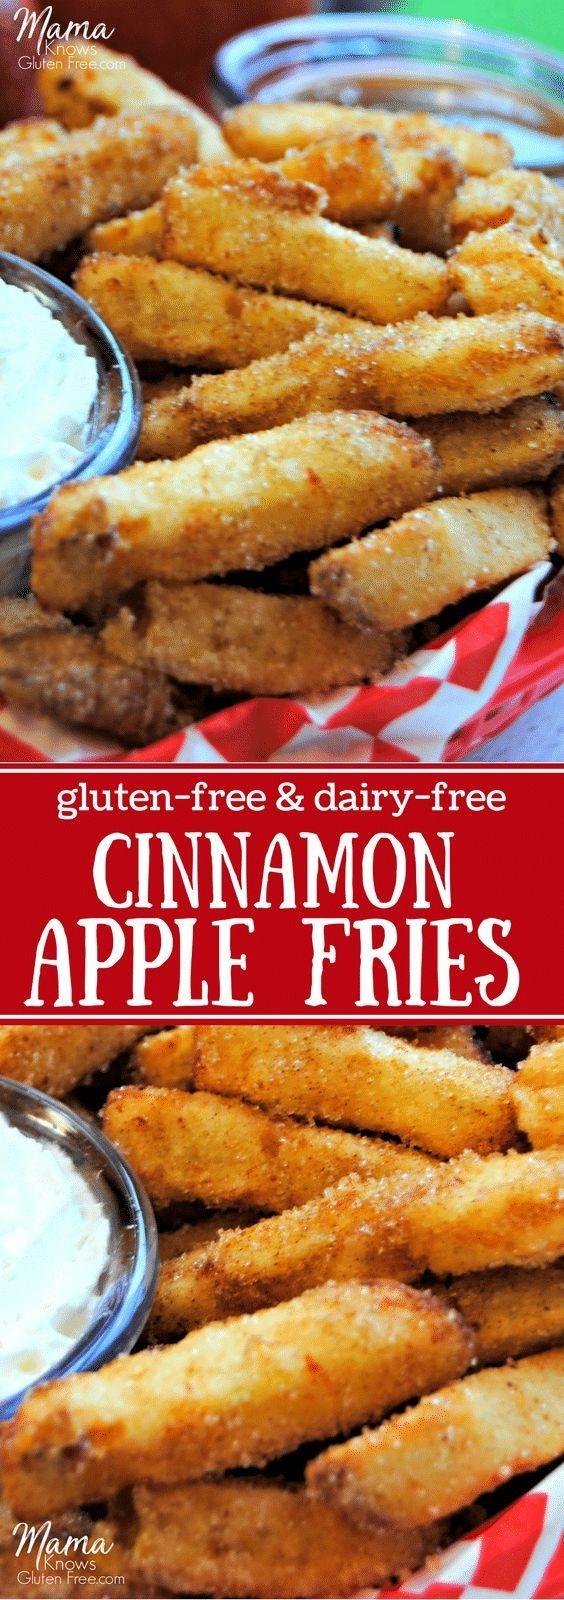 Gluten-Free Cinnamon Apple Fries